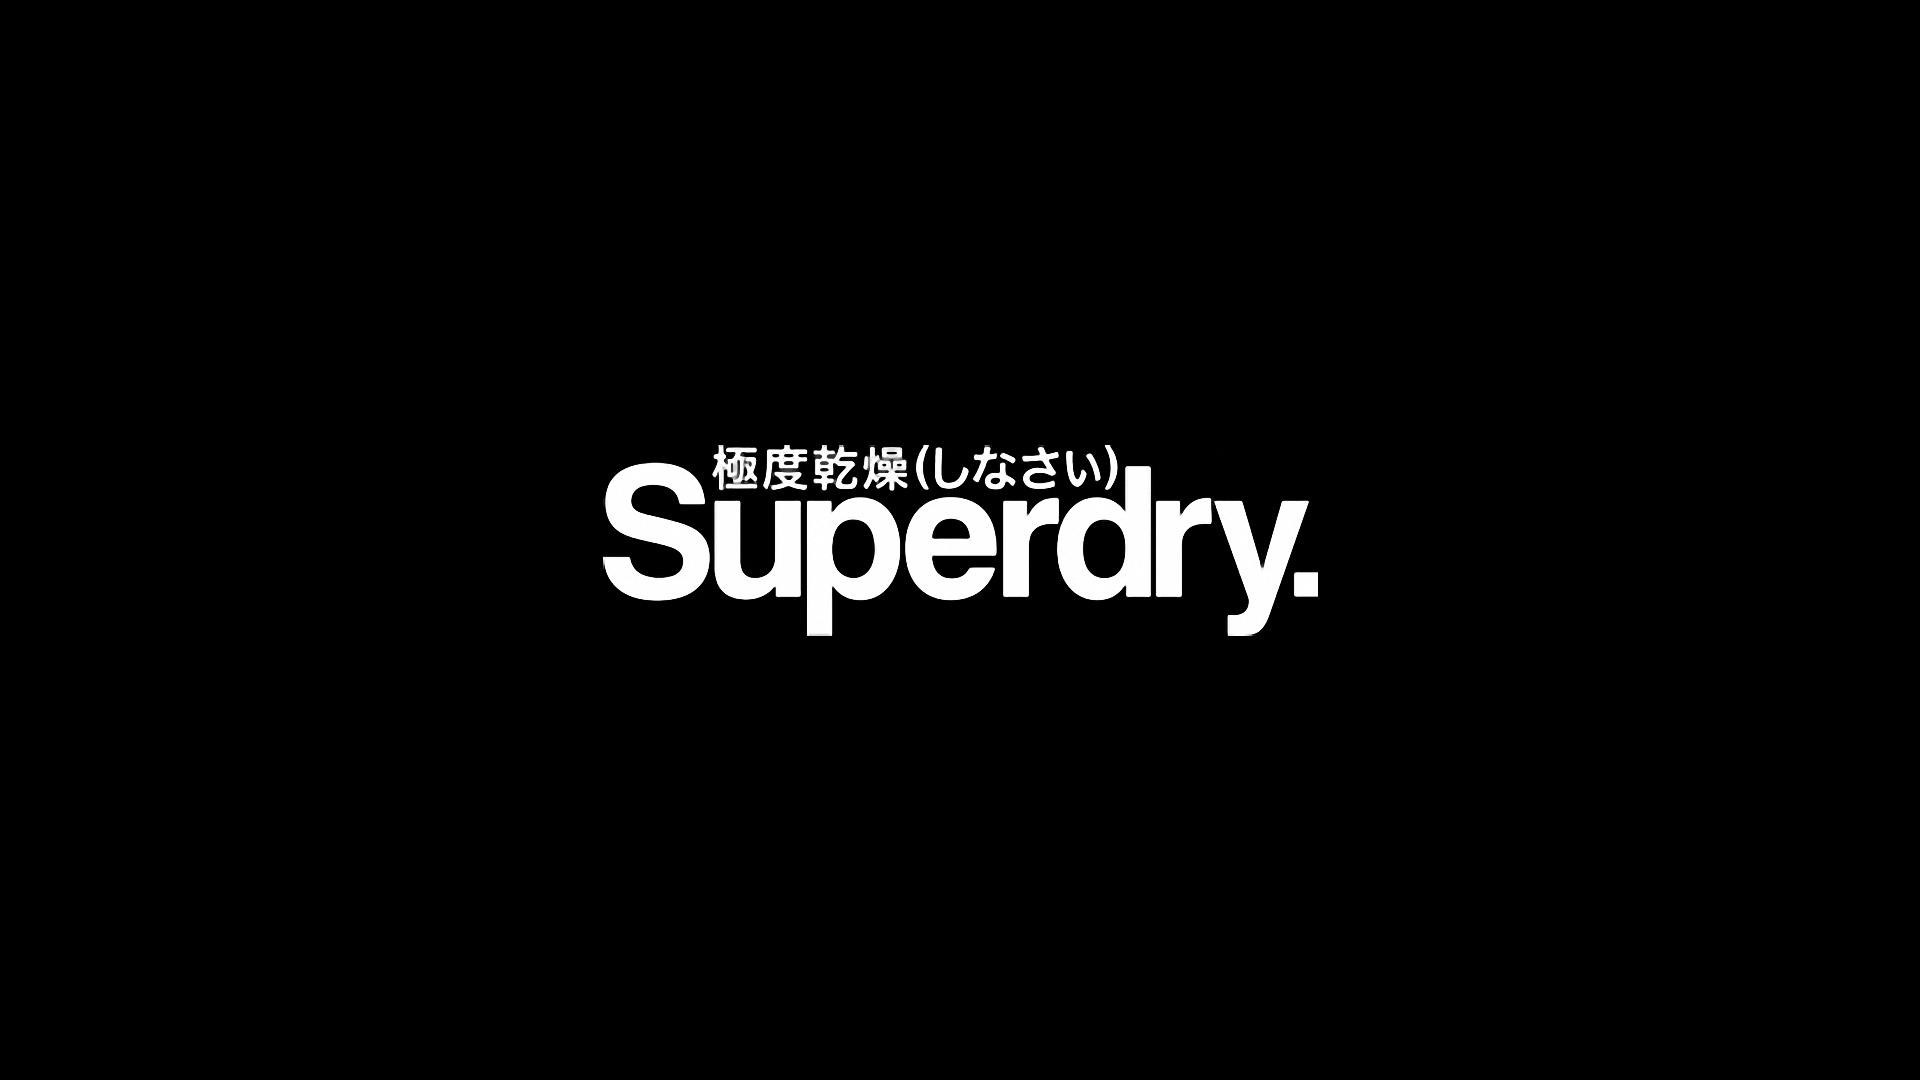 superdry black   Fortwilliam Opticians 1920x1080